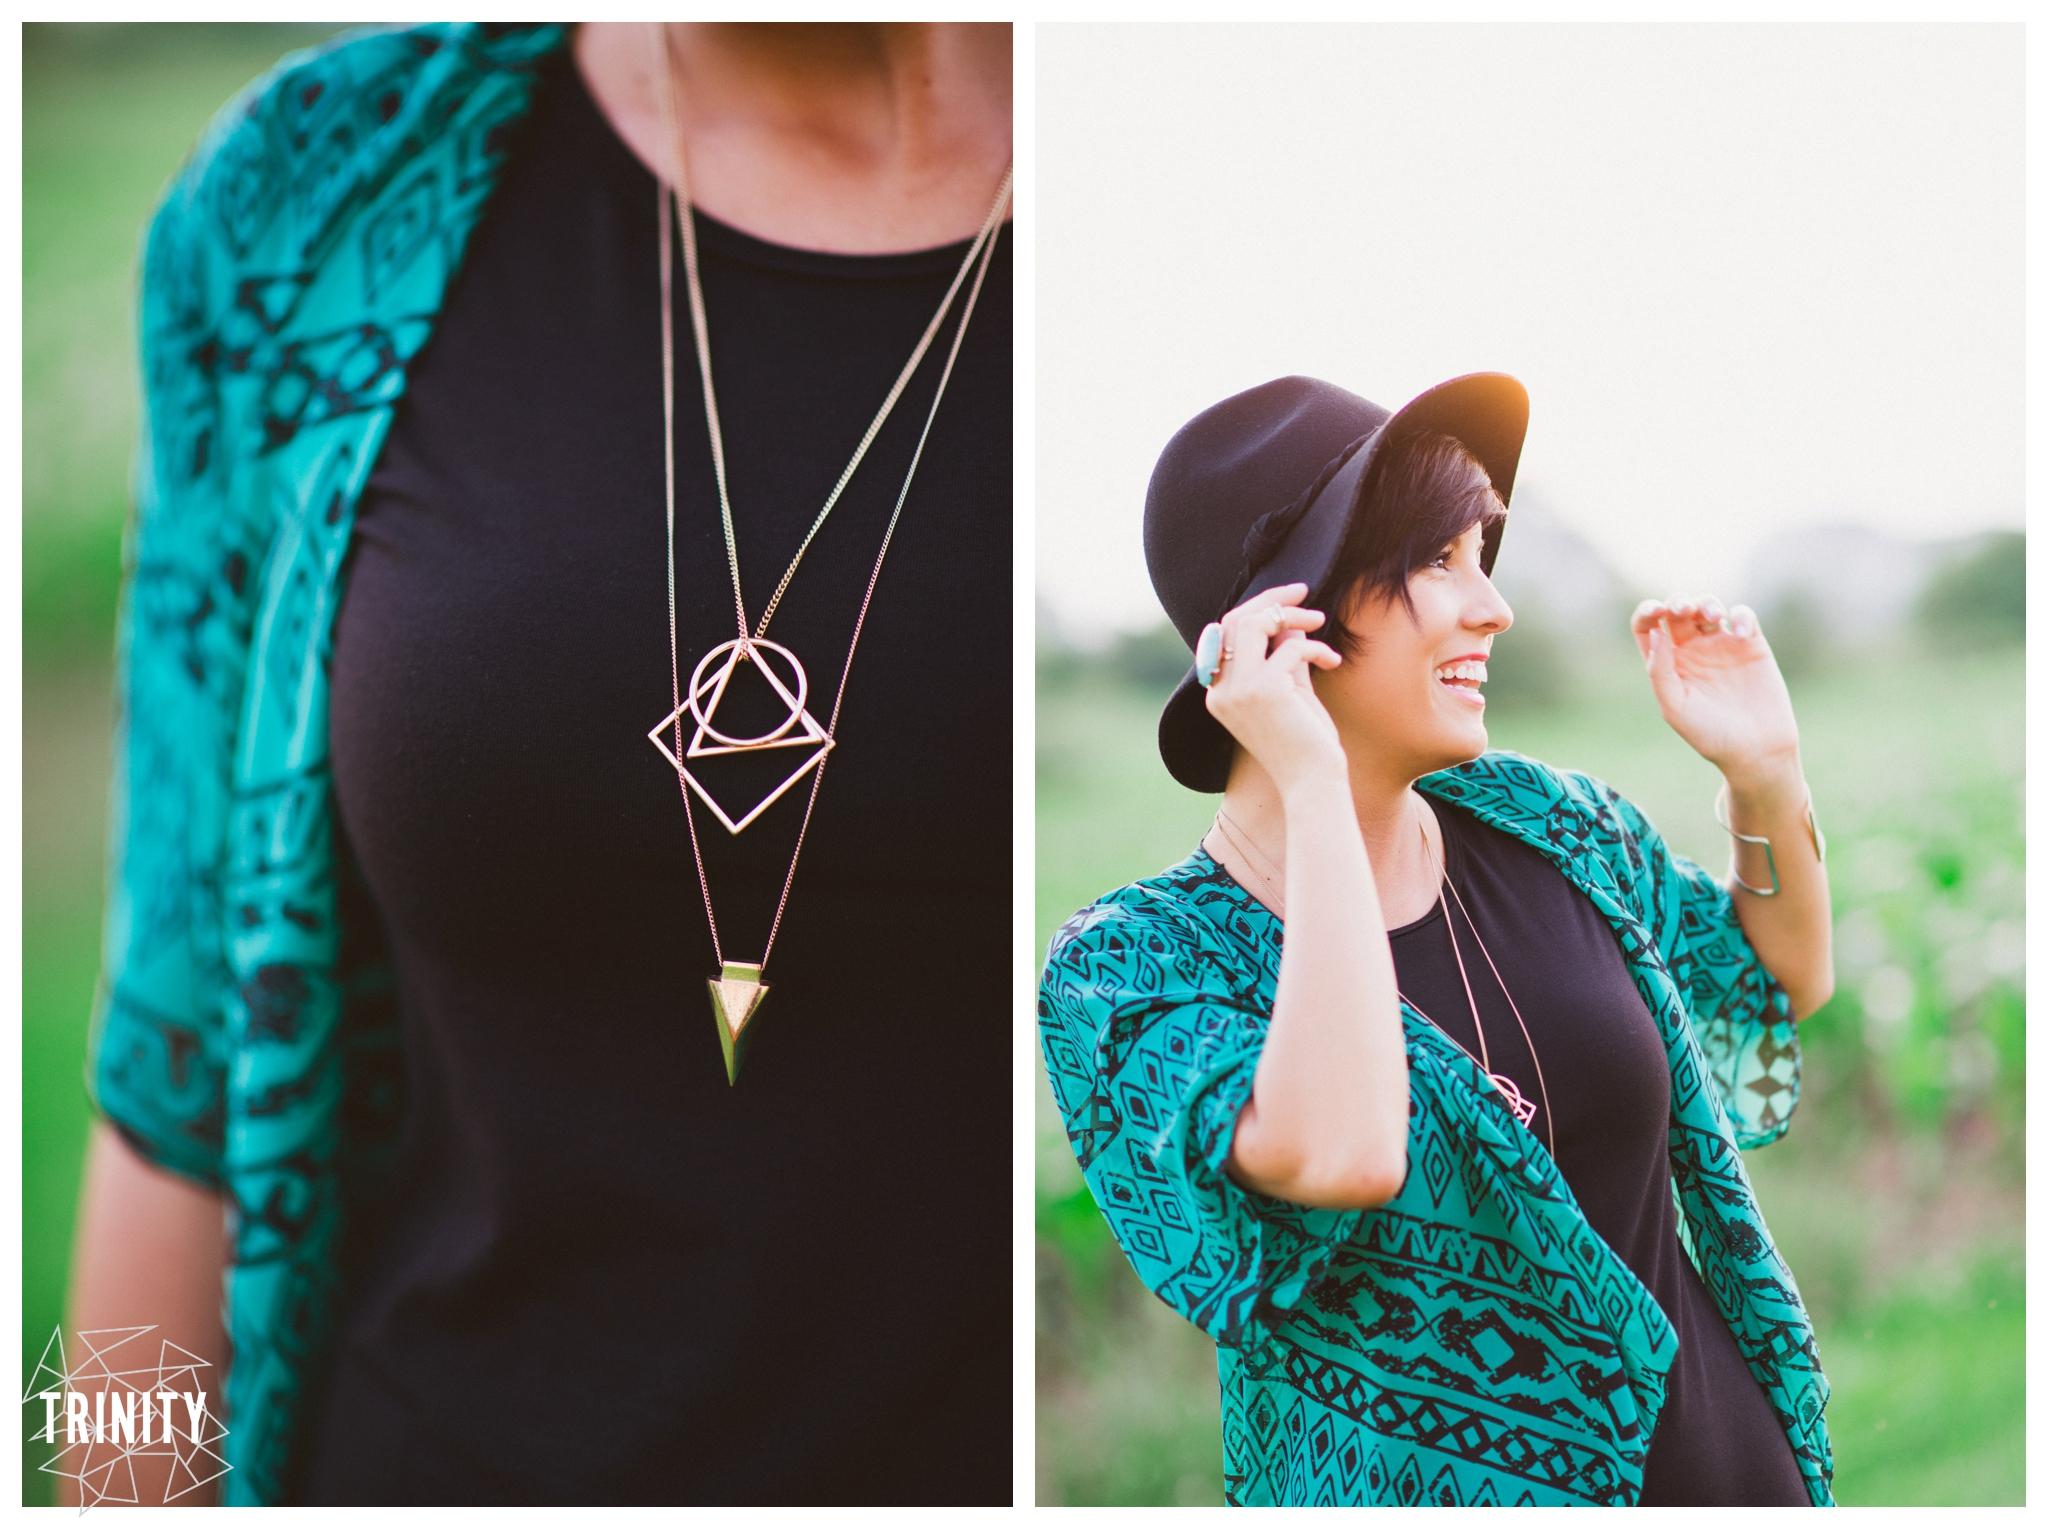 LulaRoe Clothing TRINITY photography